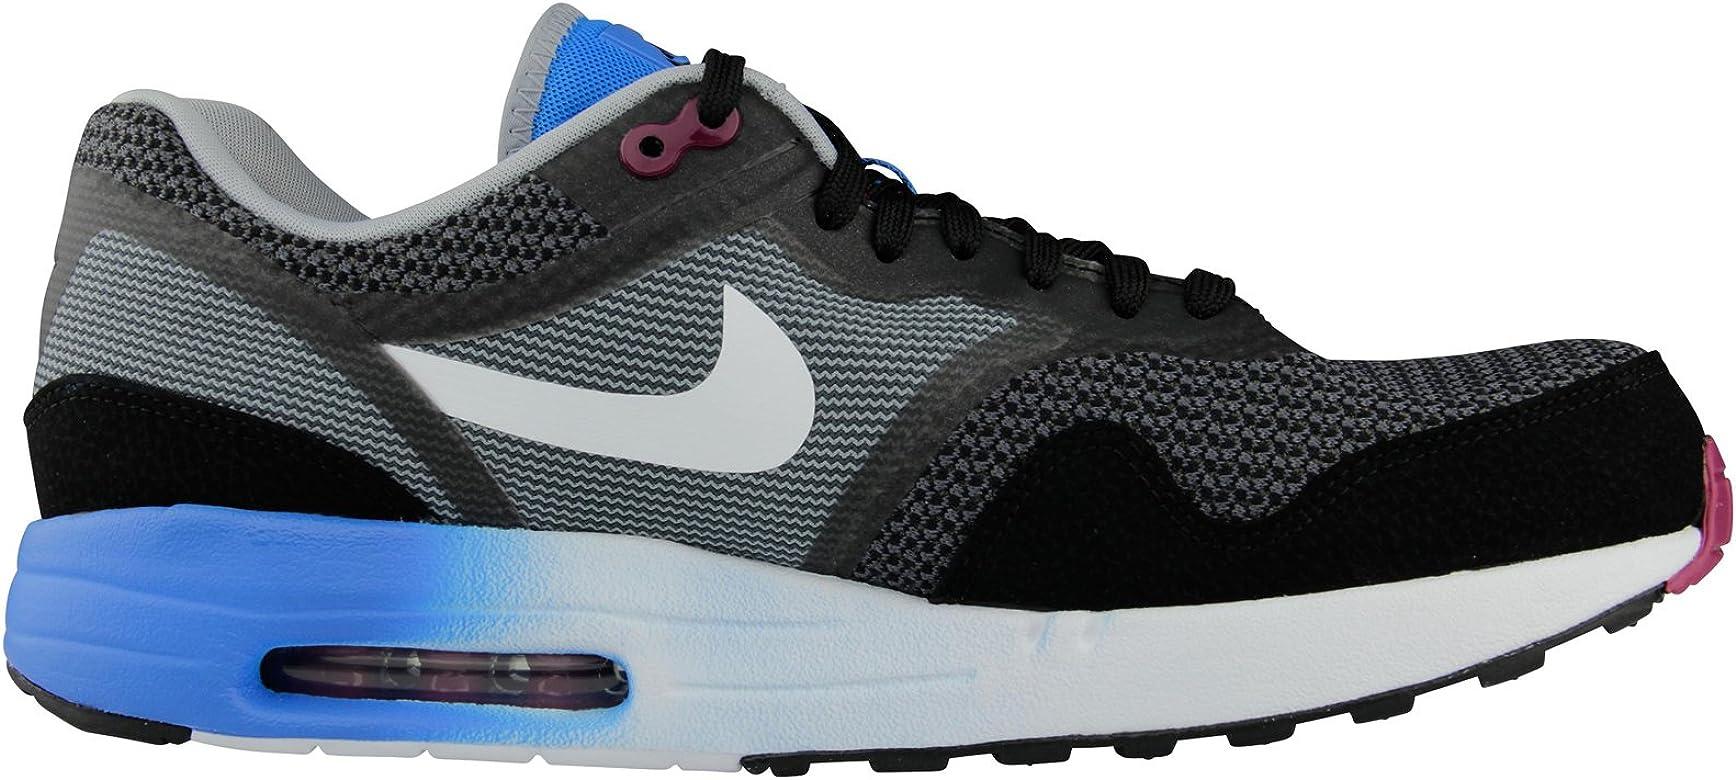 Nike Air MAX 1 C 2.0 631738001 - Zapatillas Deportivas para Hombre, (Azul Negro), 40.5 EU: Amazon.es: Zapatos y complementos